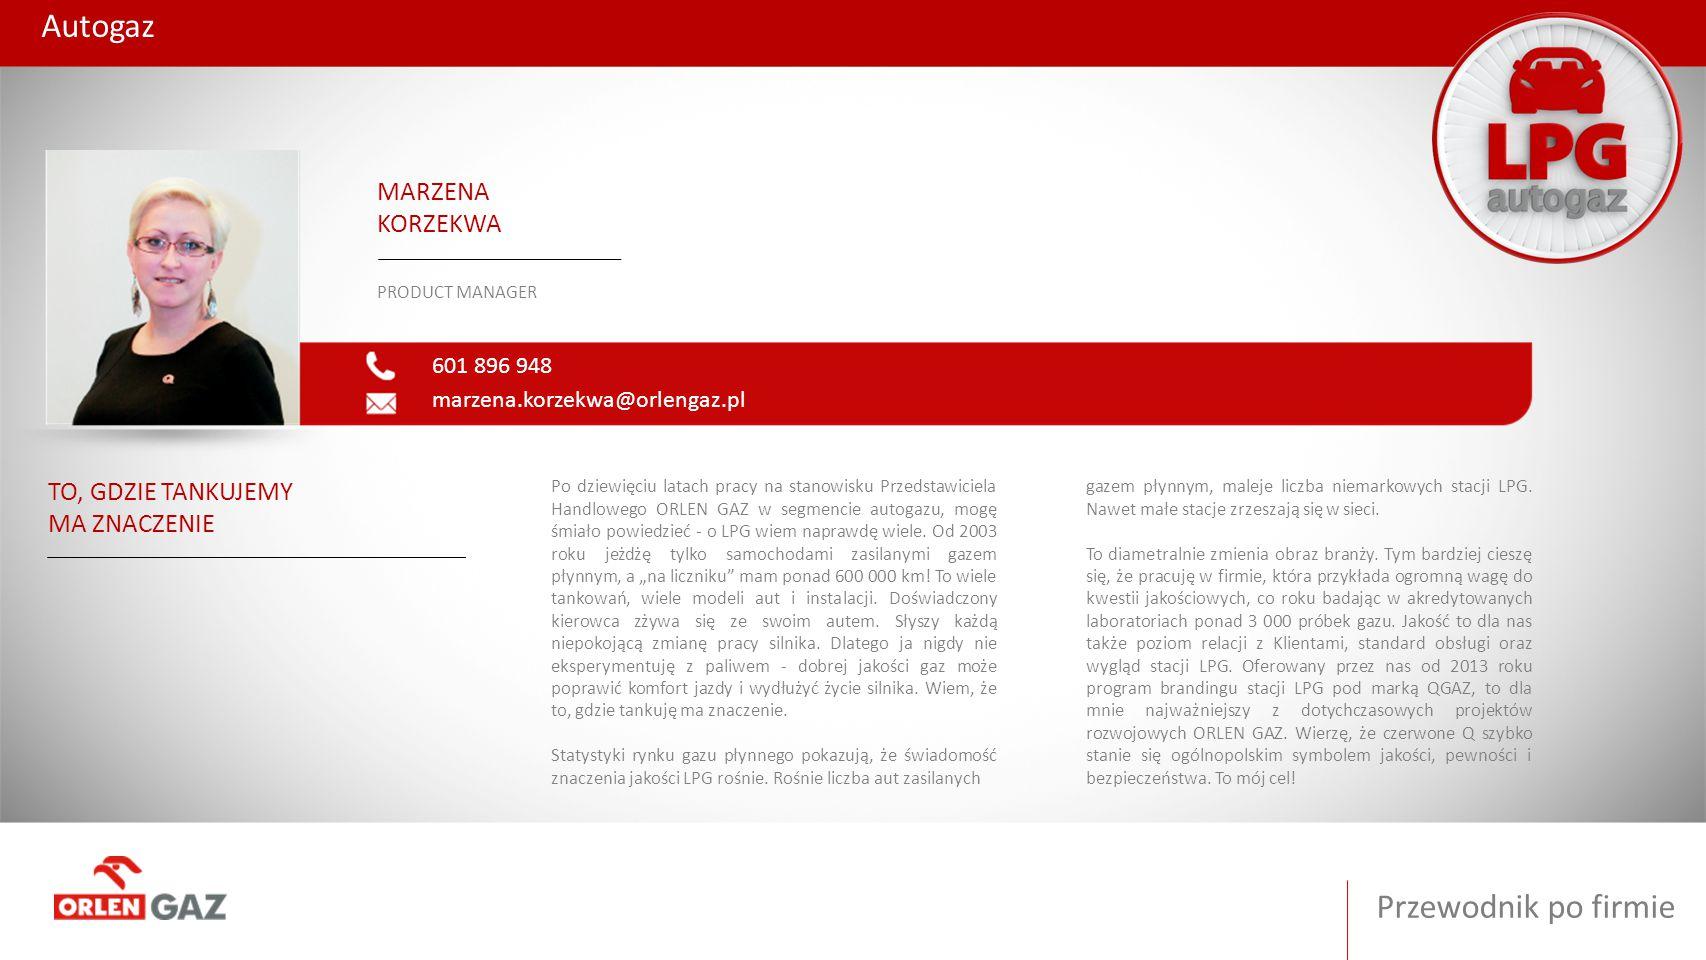 Trading – zapraszamy do kontaktu z naszymi pracownikami Przewodnik po firmie ŁUKASZ HANDKE SPECJALISTA DS.